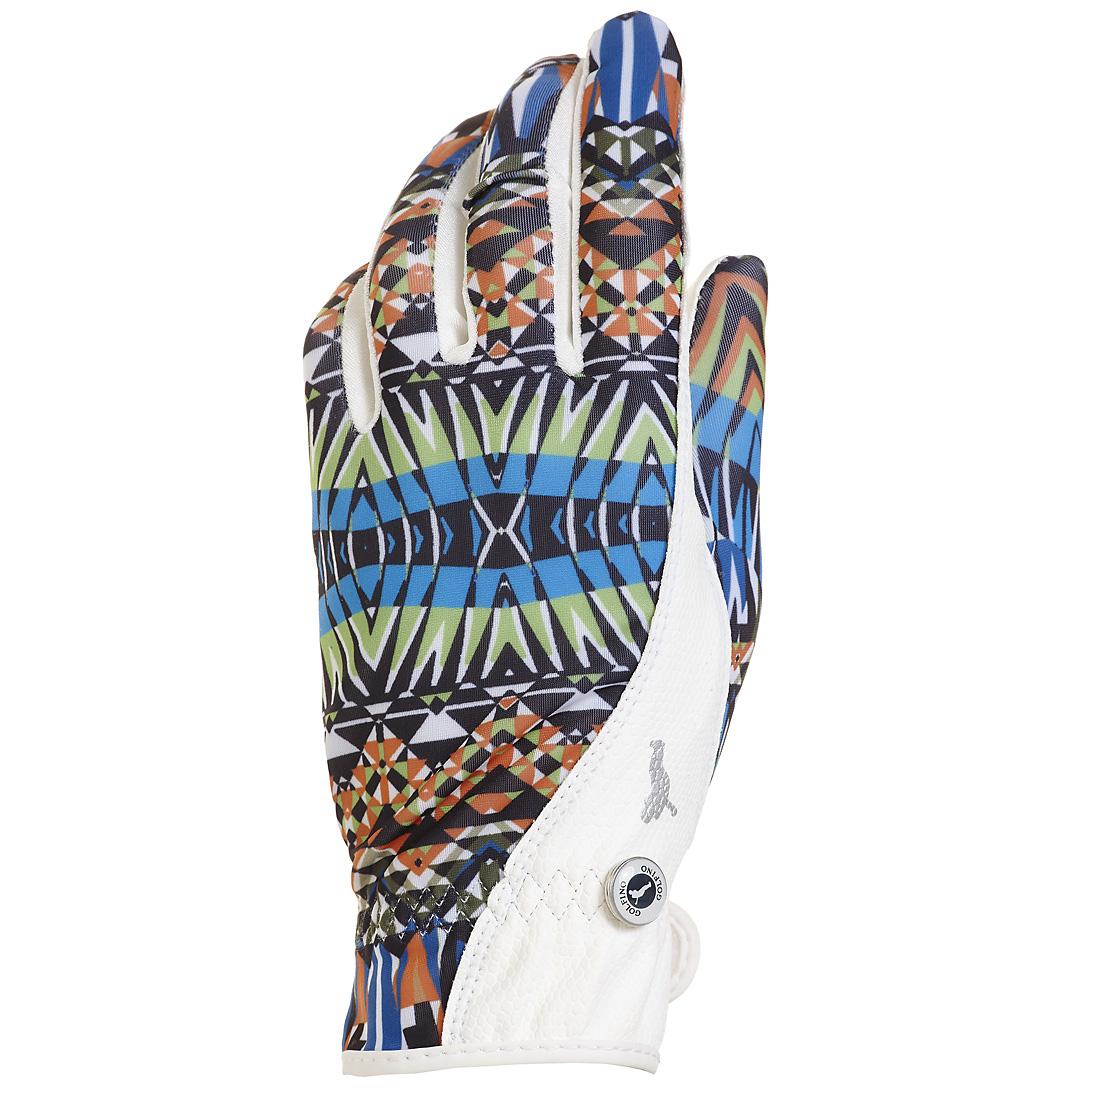 Bedruckter Golf Handschuh